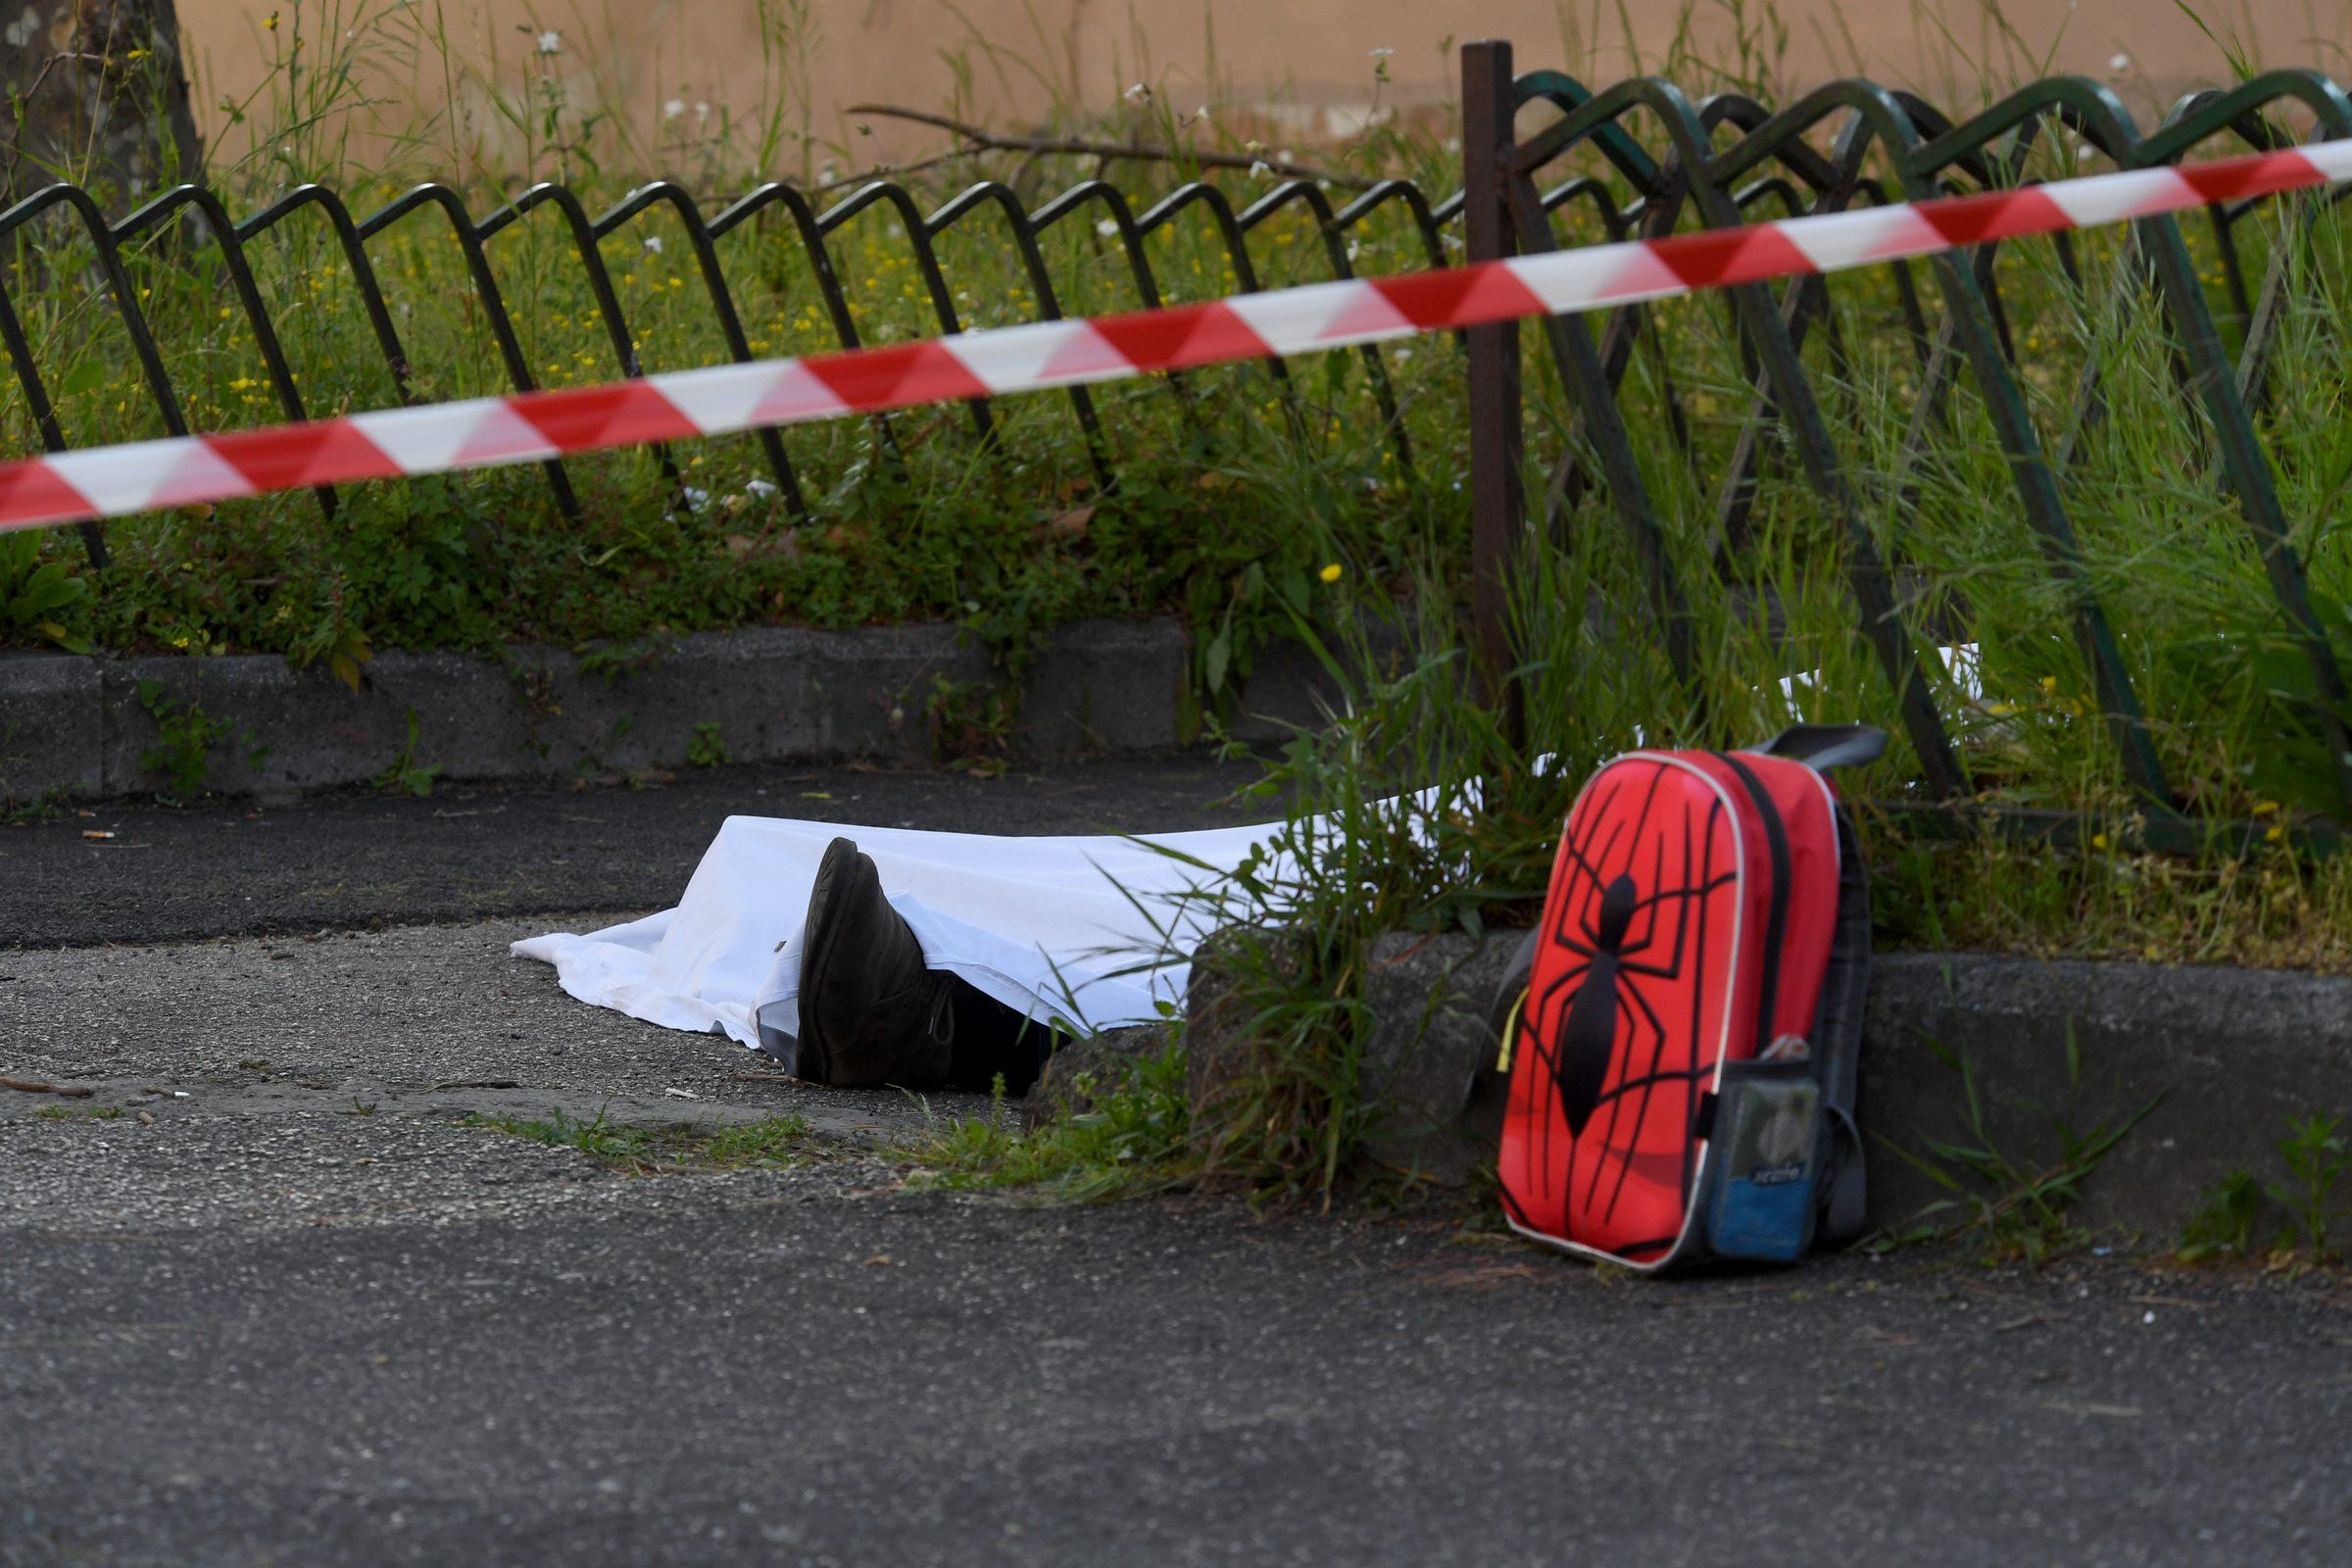 Omicidio davanti alla scuola, trovato uno scooter bruciato: potrebbe essere quello dei killer